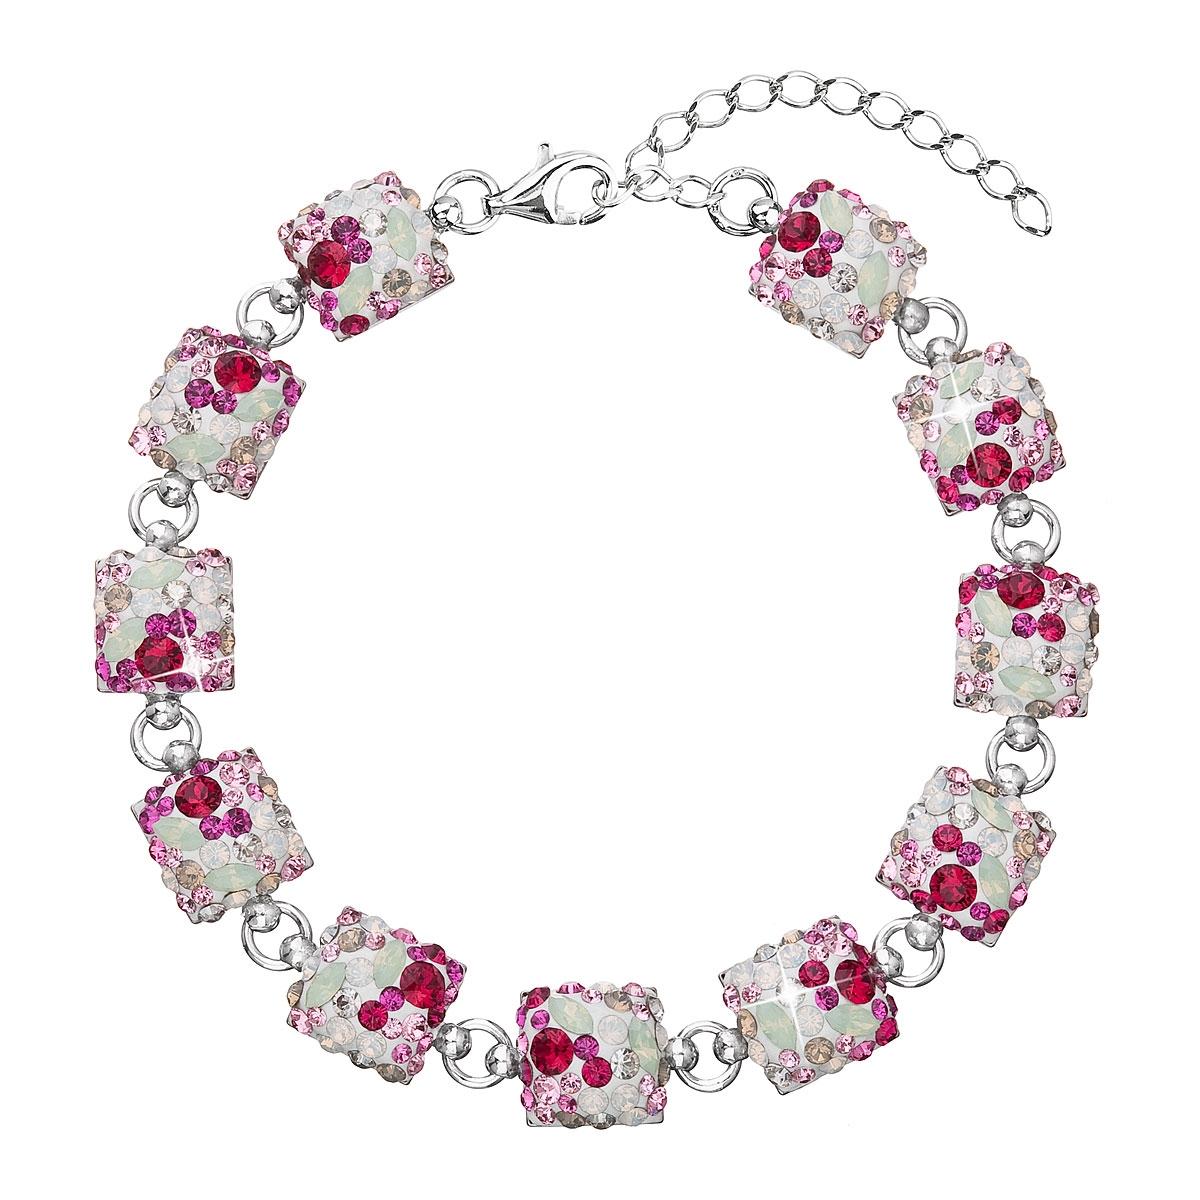 Strieborný náramok s kryštálmi Crystals from Swarovski ®, Sweet Love